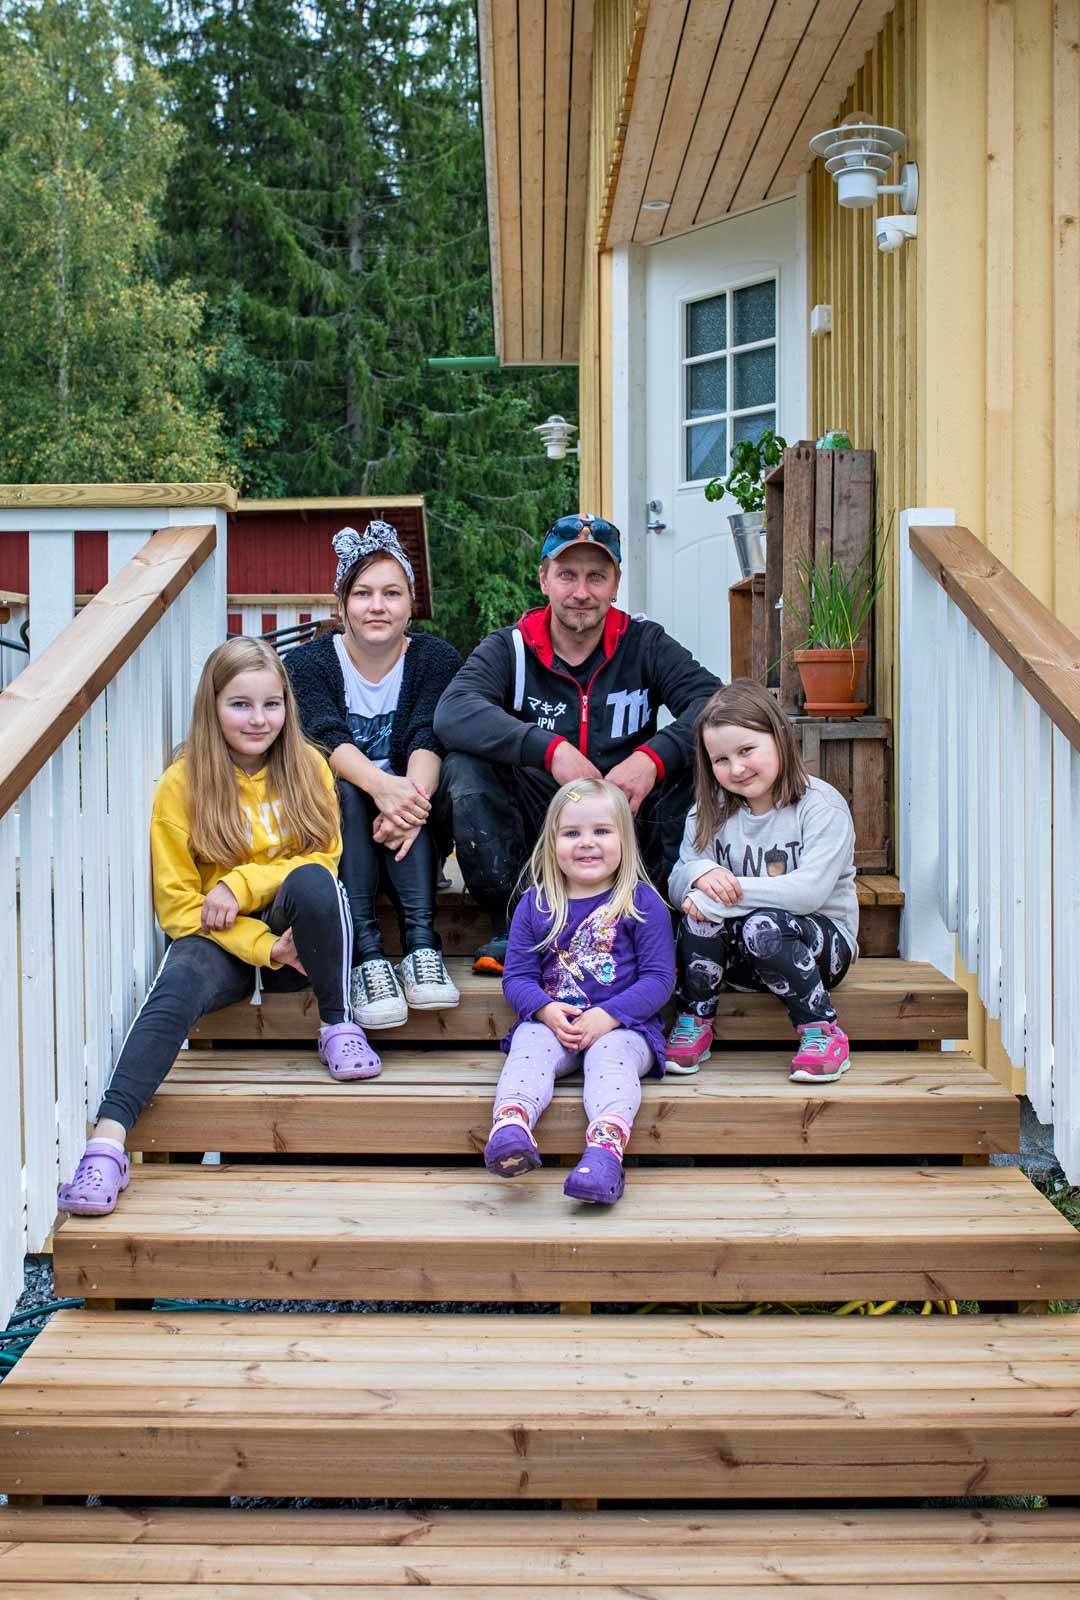 Venla Laitinen, Mari Hokkanen, Vesa Laitinen, Viivi Laitinen ja Vilma Laitinen asuvat nyt aiempaa lähempänä tarpeellisia palveluita ja sukulaisia. Mari käy töissä Kangasniemellä, Vesa Mikkelissä ja eri puolilla maakuntaa.